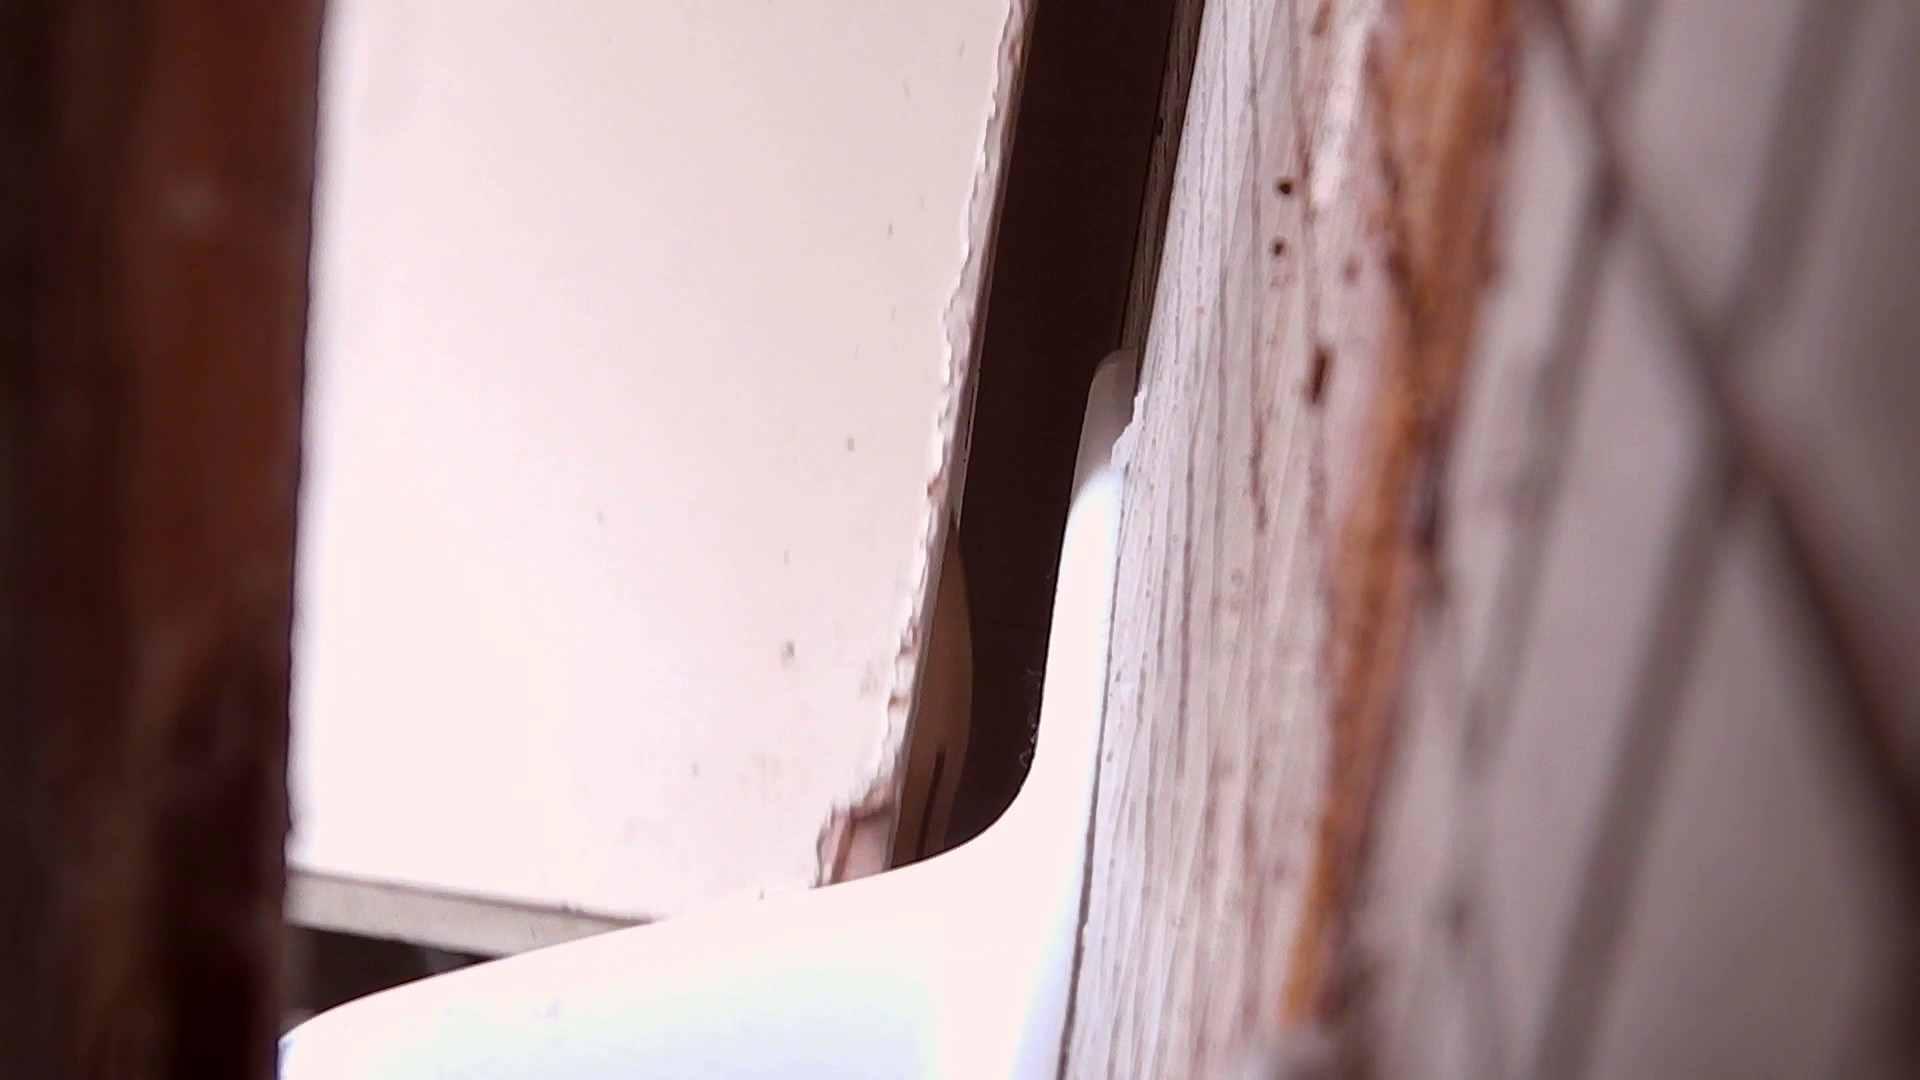 高画質至近映像和式の隙間 Vol.01 和式 オマンコ動画キャプチャ 104枚 50